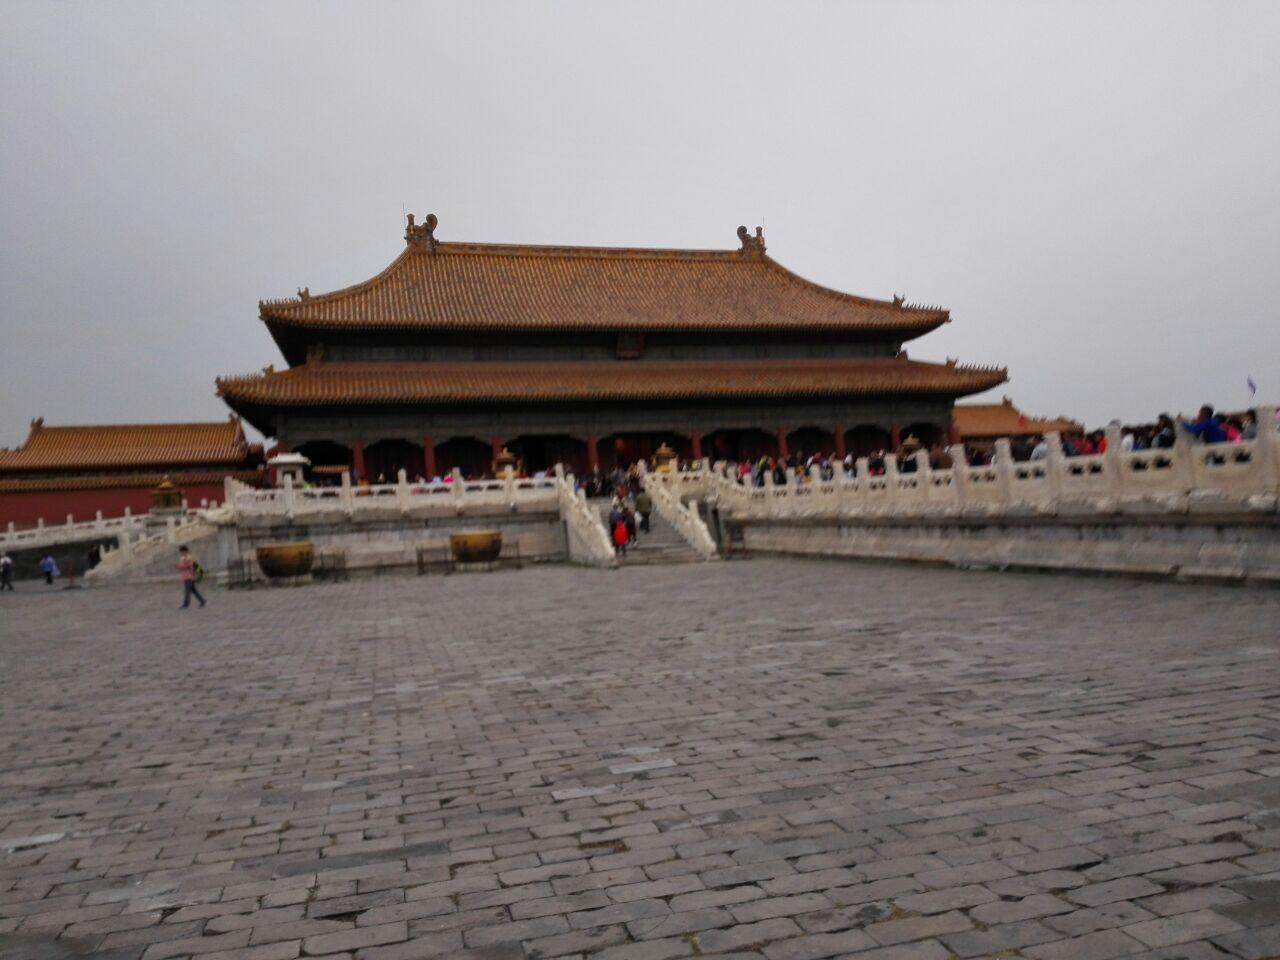 【携程攻略】北京天安门城楼好玩吗,北京天安门城楼样